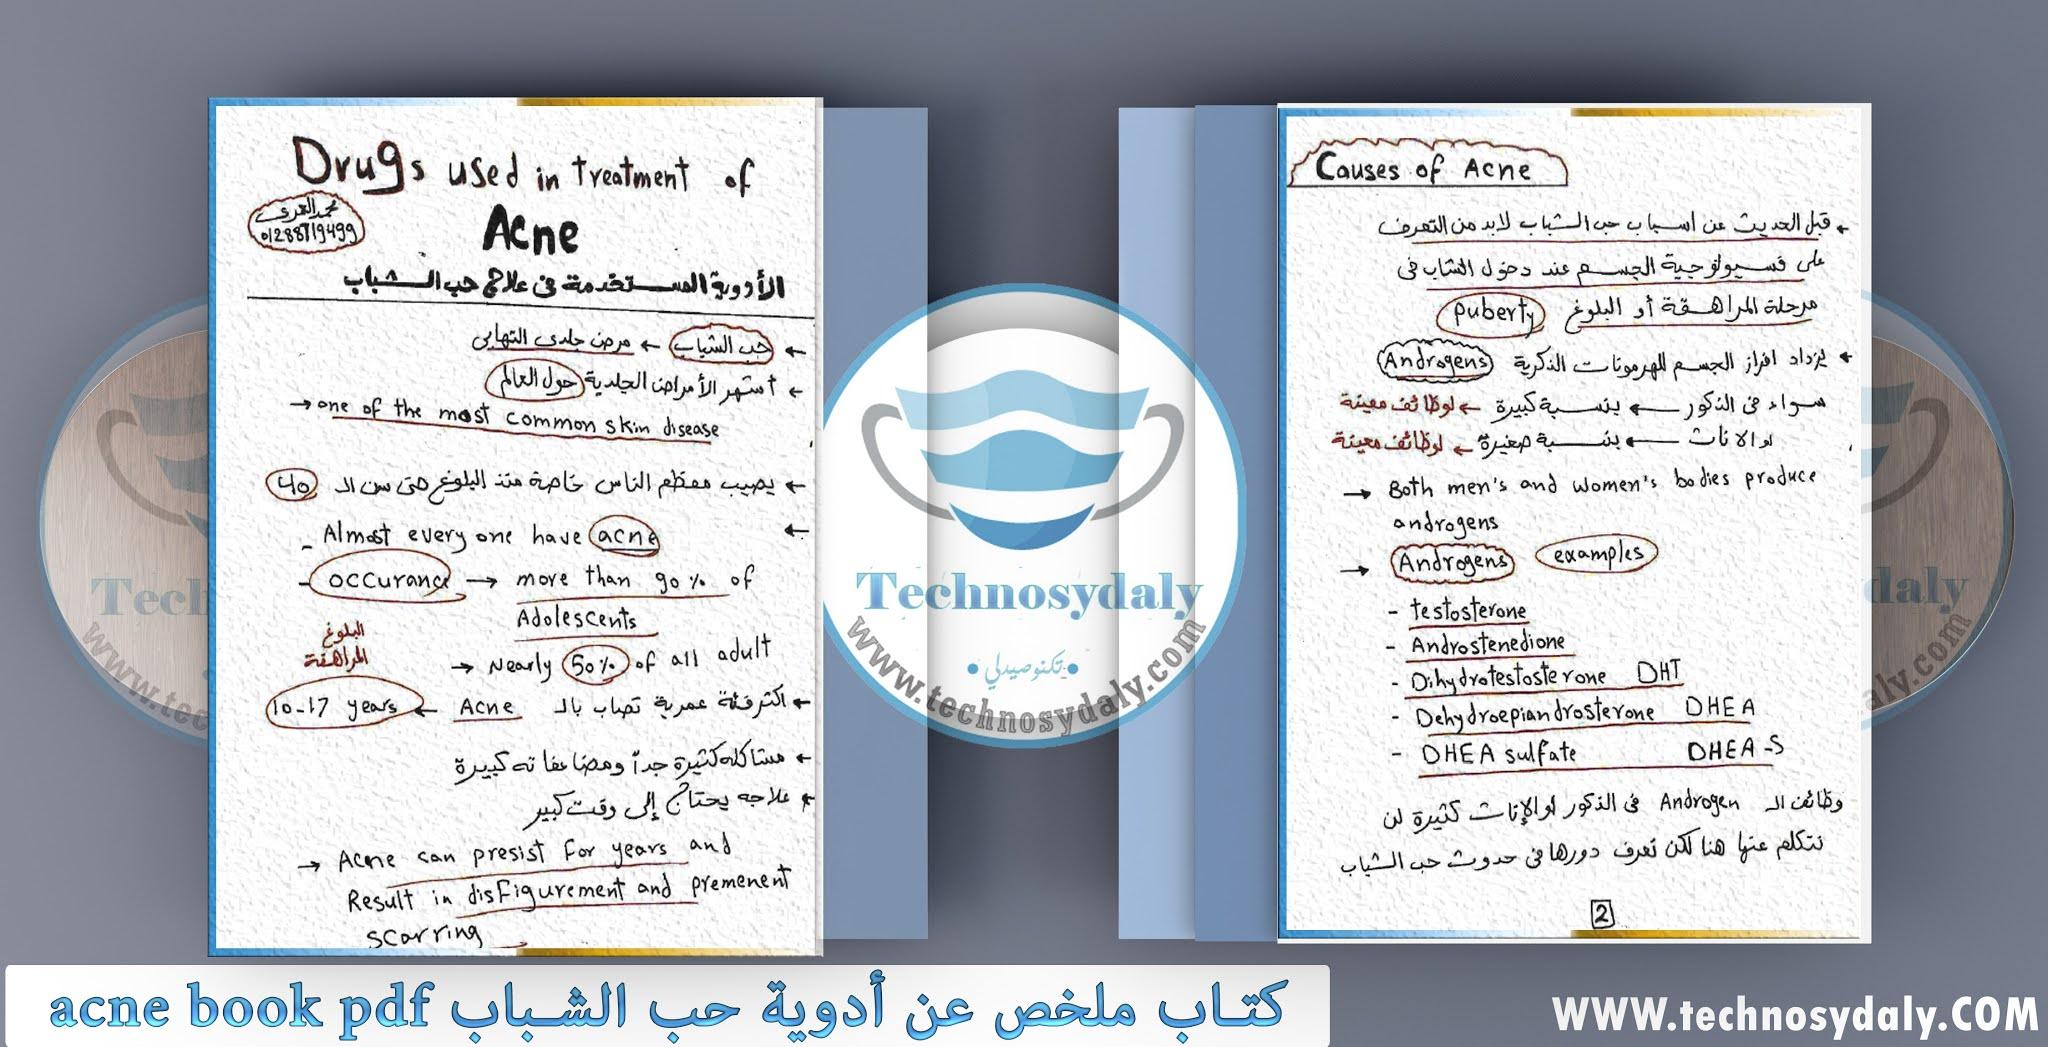 كتاب ملخص عن أدوية حب الشباب acne book pdf